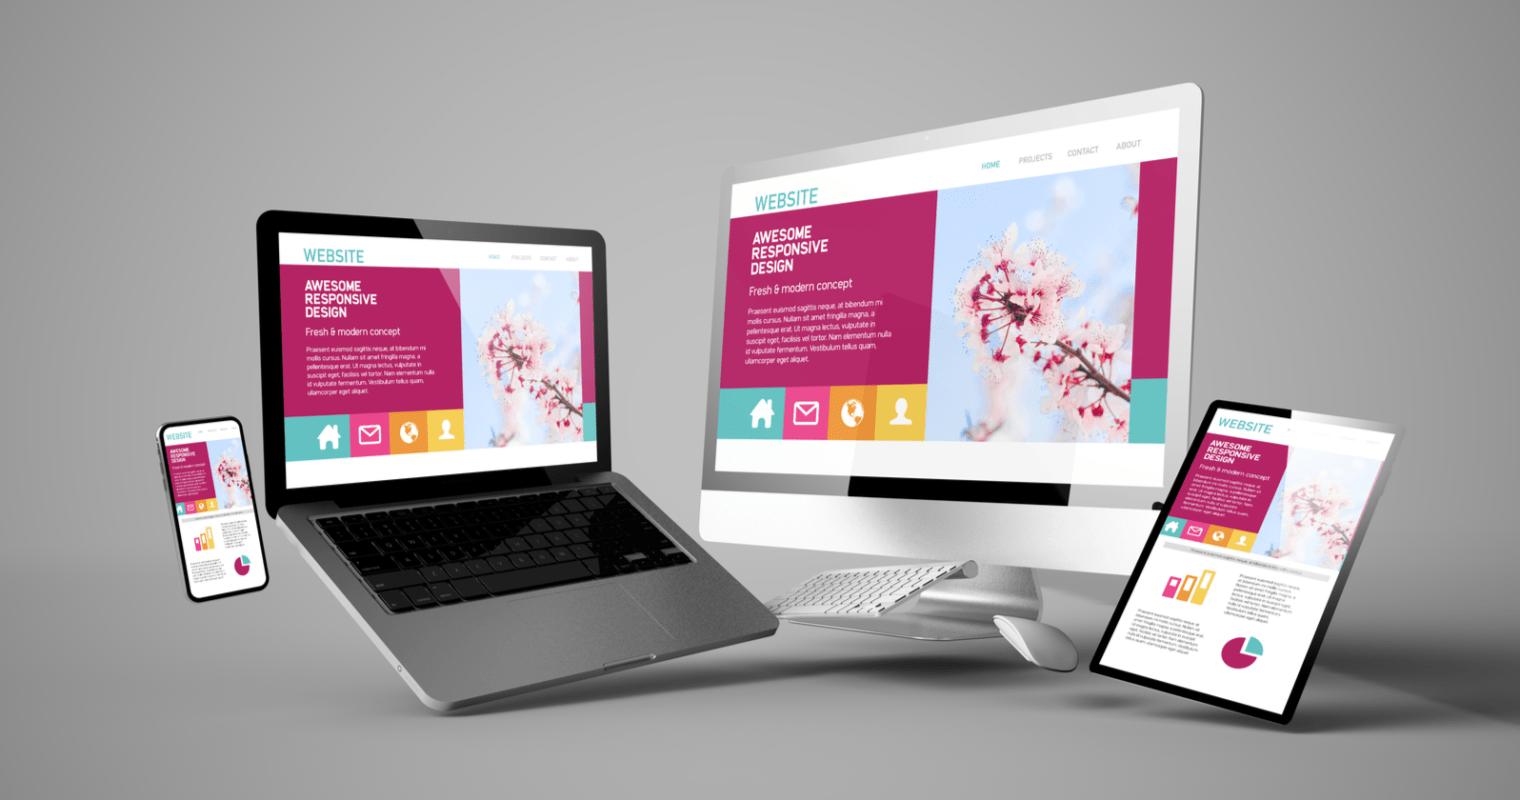 7 Website Design Hacks for Better Website Conversion